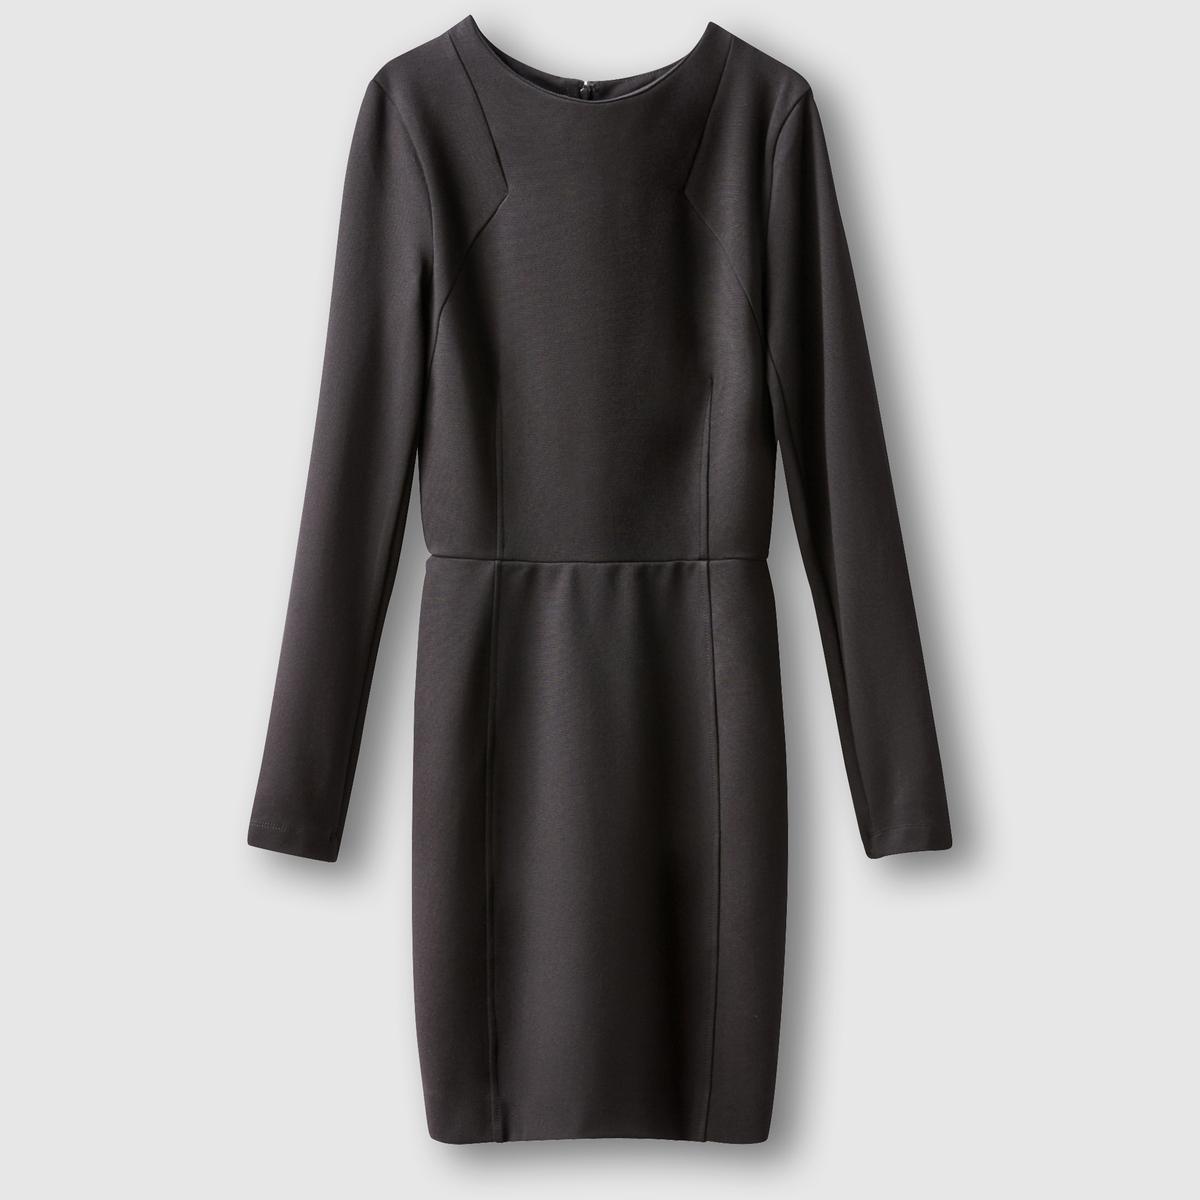 Платье с длинными рукавамиСостав и описание: Материал: 100% вискозы.Марка: French Connection.Застежка: на молнию сзади.<br><br>Цвет: кремовый,черный<br>Размер: 36 (FR) - 42 (RUS).40 (FR) - 46 (RUS).42 (FR) - 48 (RUS)